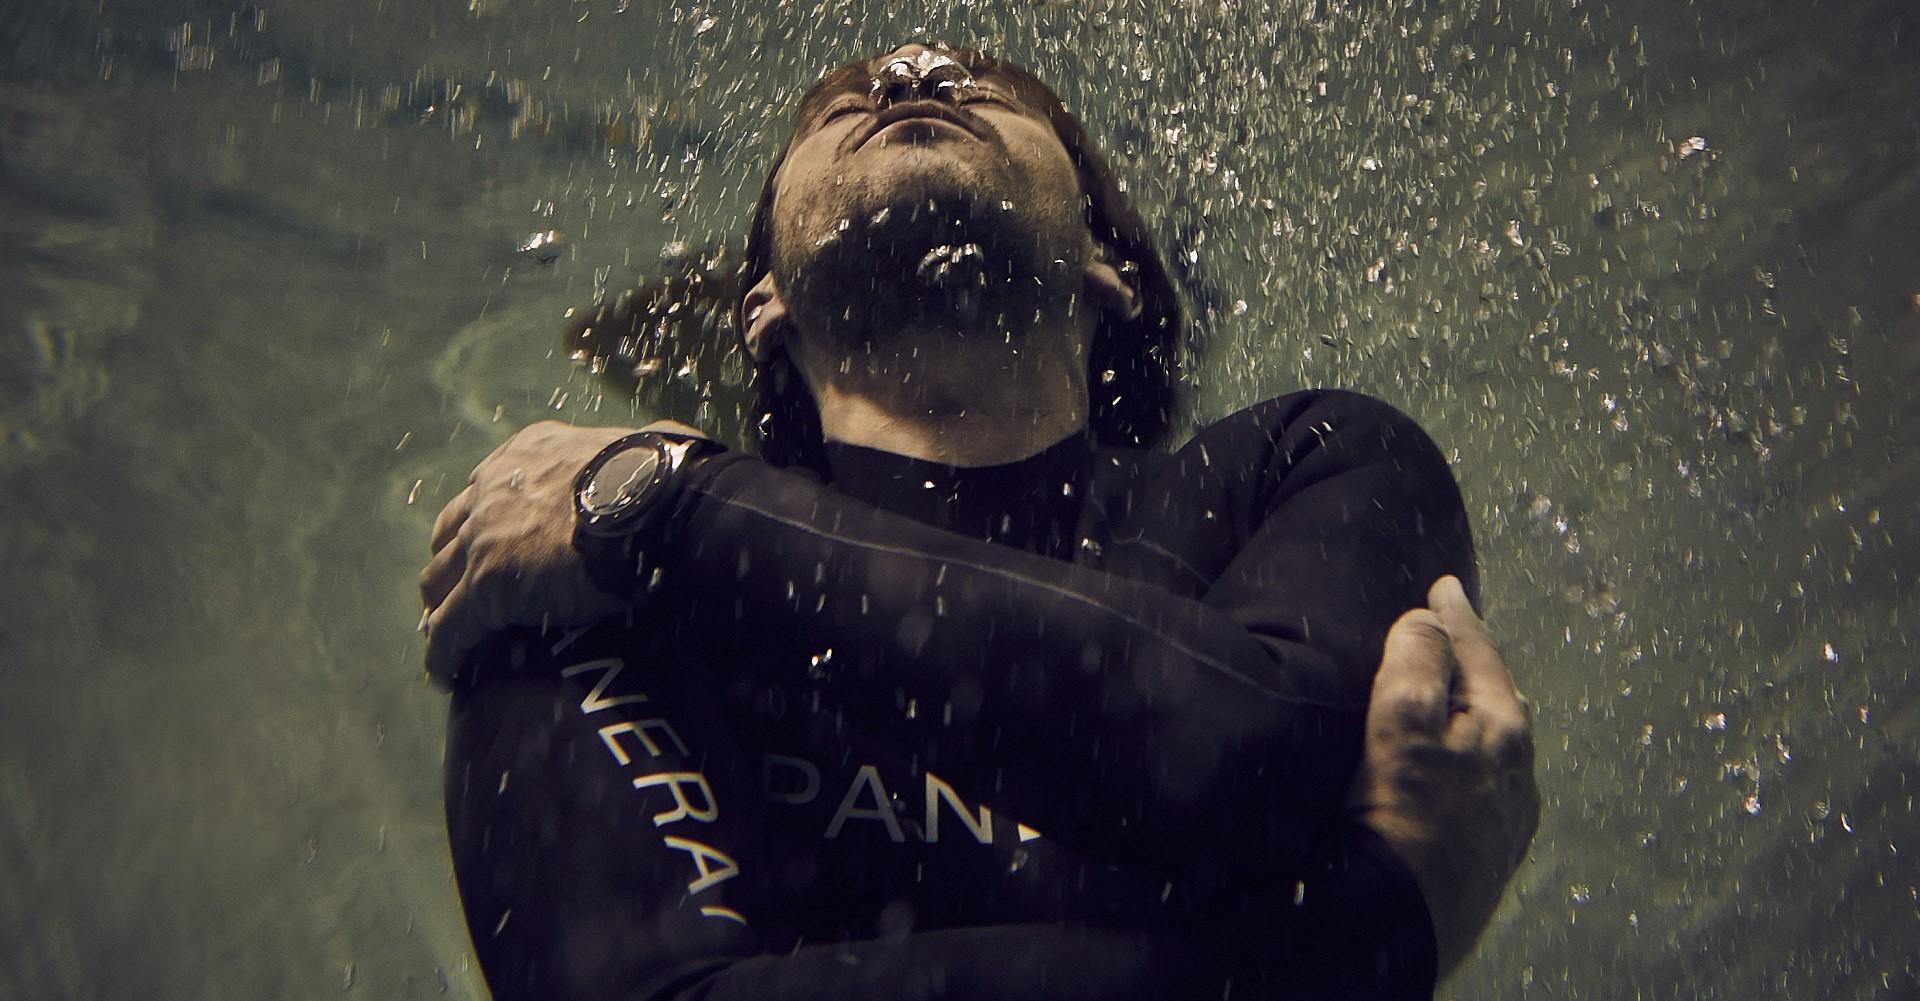 世界自由潛水冠軍Guillaume Néry出任PANERAI沛納海品牌大使